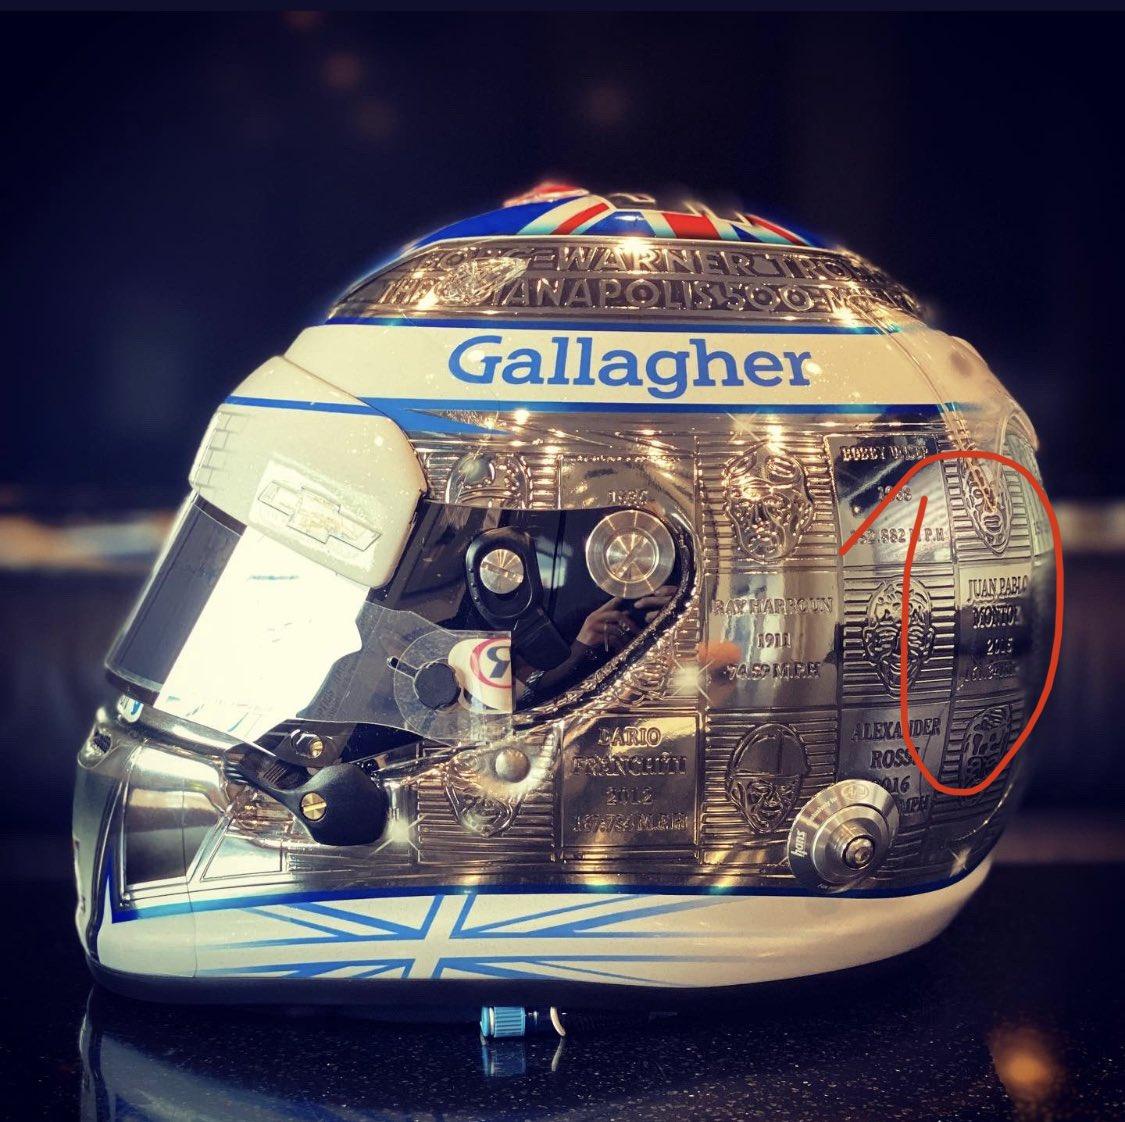 Increíble el casco de Max Chilton, #Indy500 fever, en el círculo un conocido. En mi foto de perfil la inspiración del diseño. https://t.co/o2mI8gXc0y